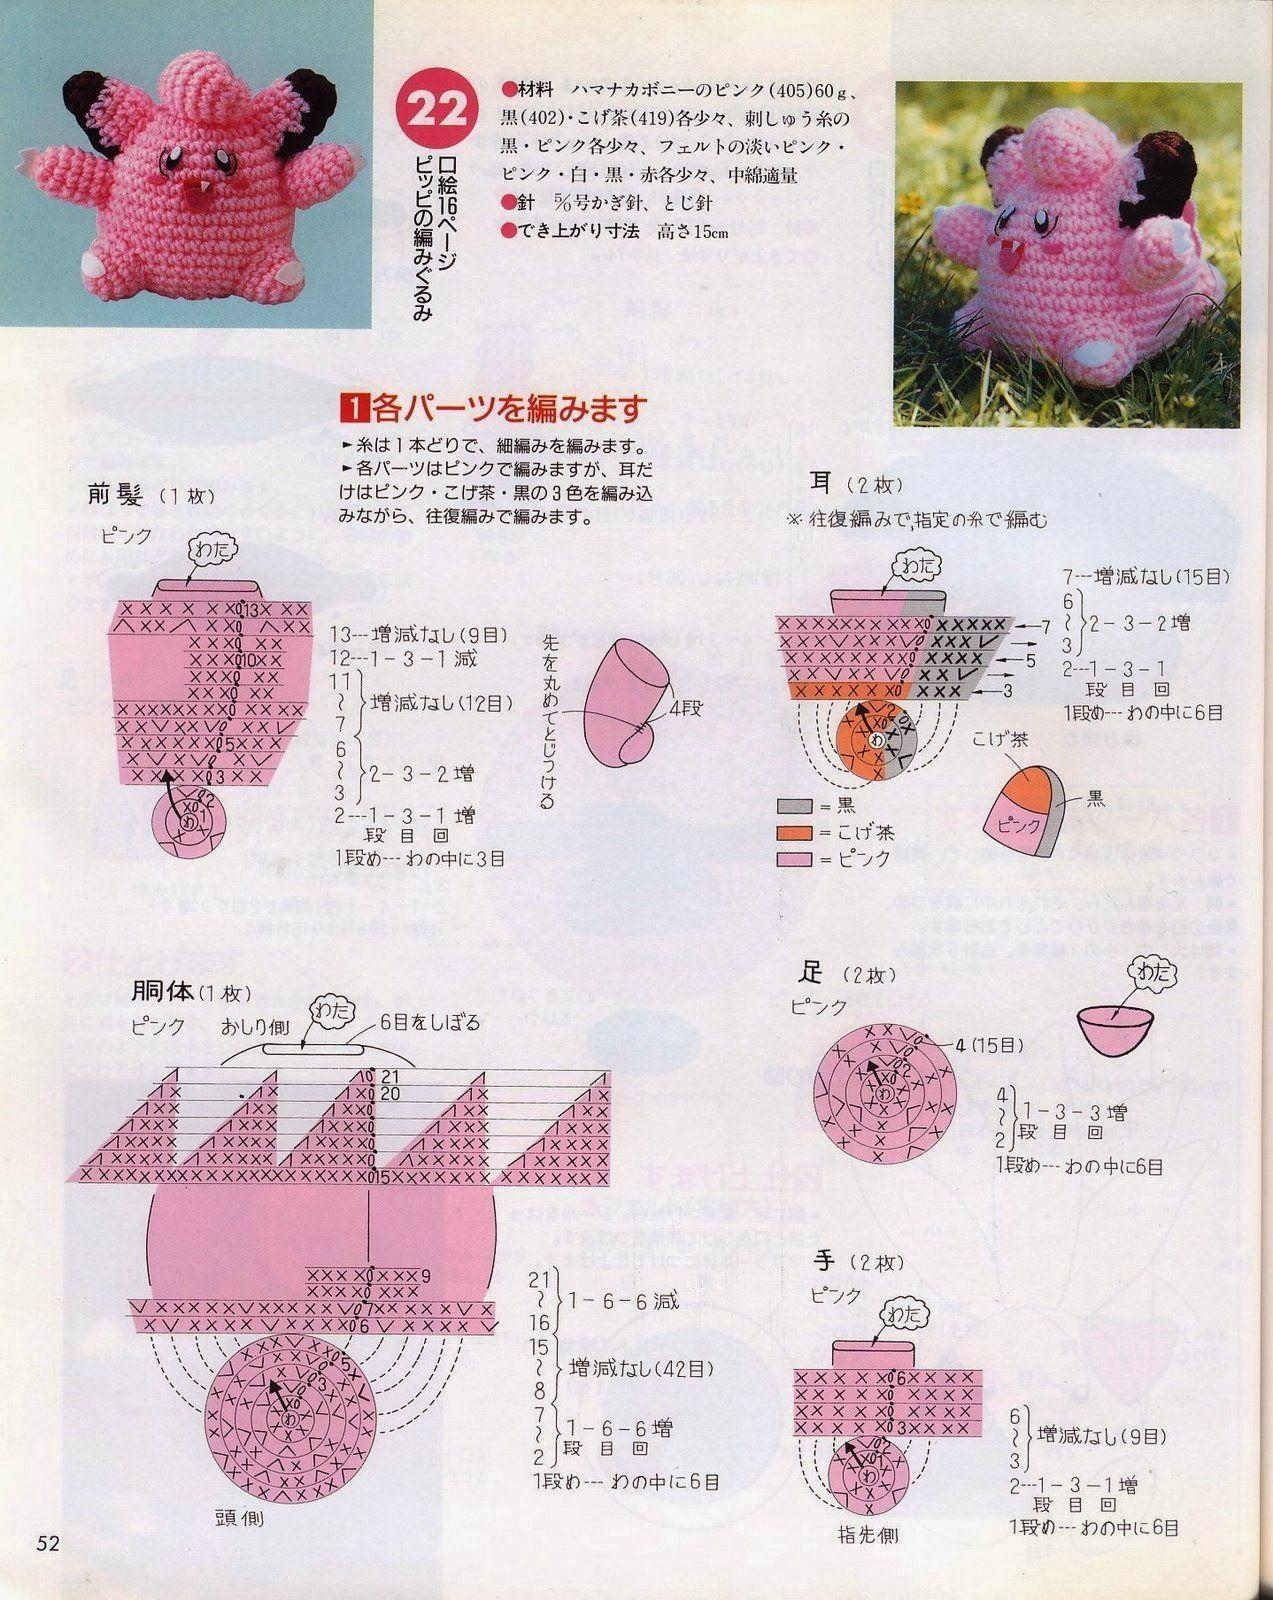 Blog de Goanna: Muñecos Pokemon en Amigurumi | amigurumi/haken ...